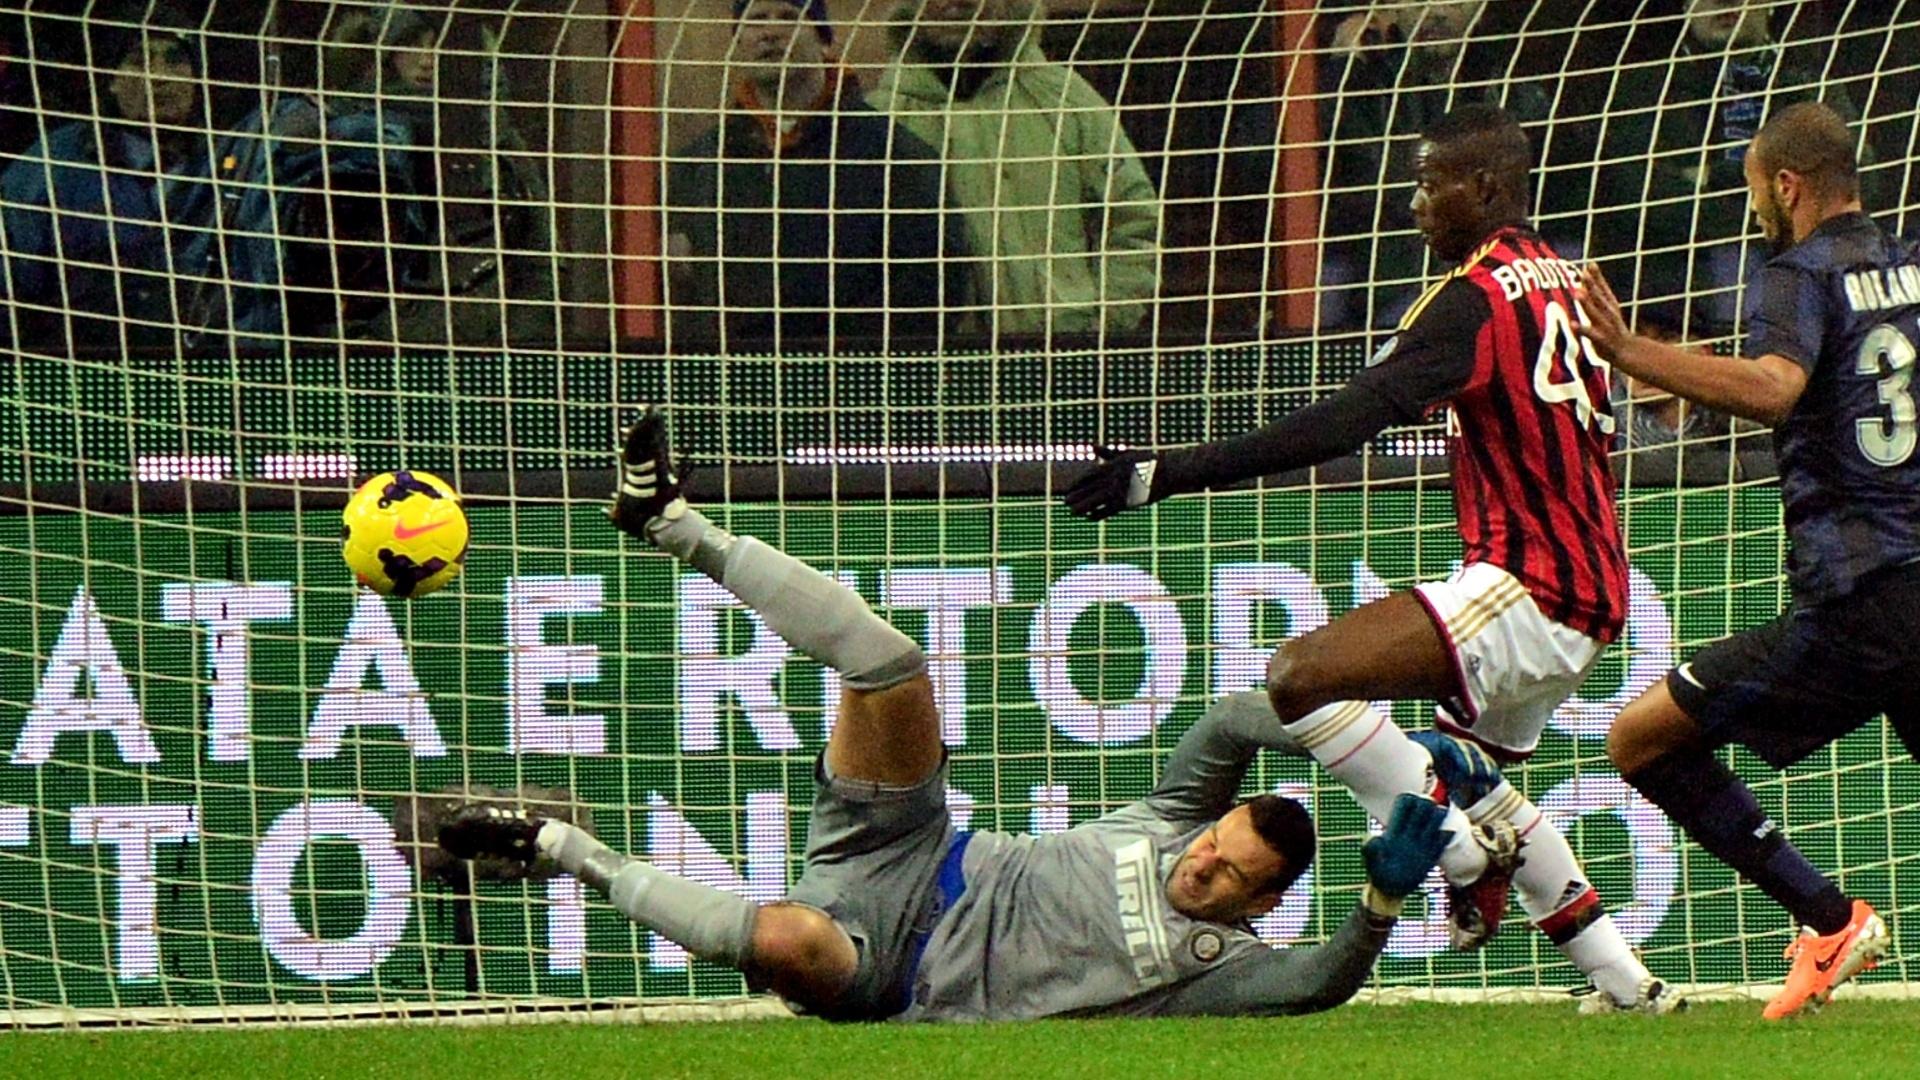 22.dez.2013 - Atacante italiano Balotelli tenta pegar o rebote do goleiro Handanovic após finalização de Kaká no clássico entre Milan e Inter de Milão